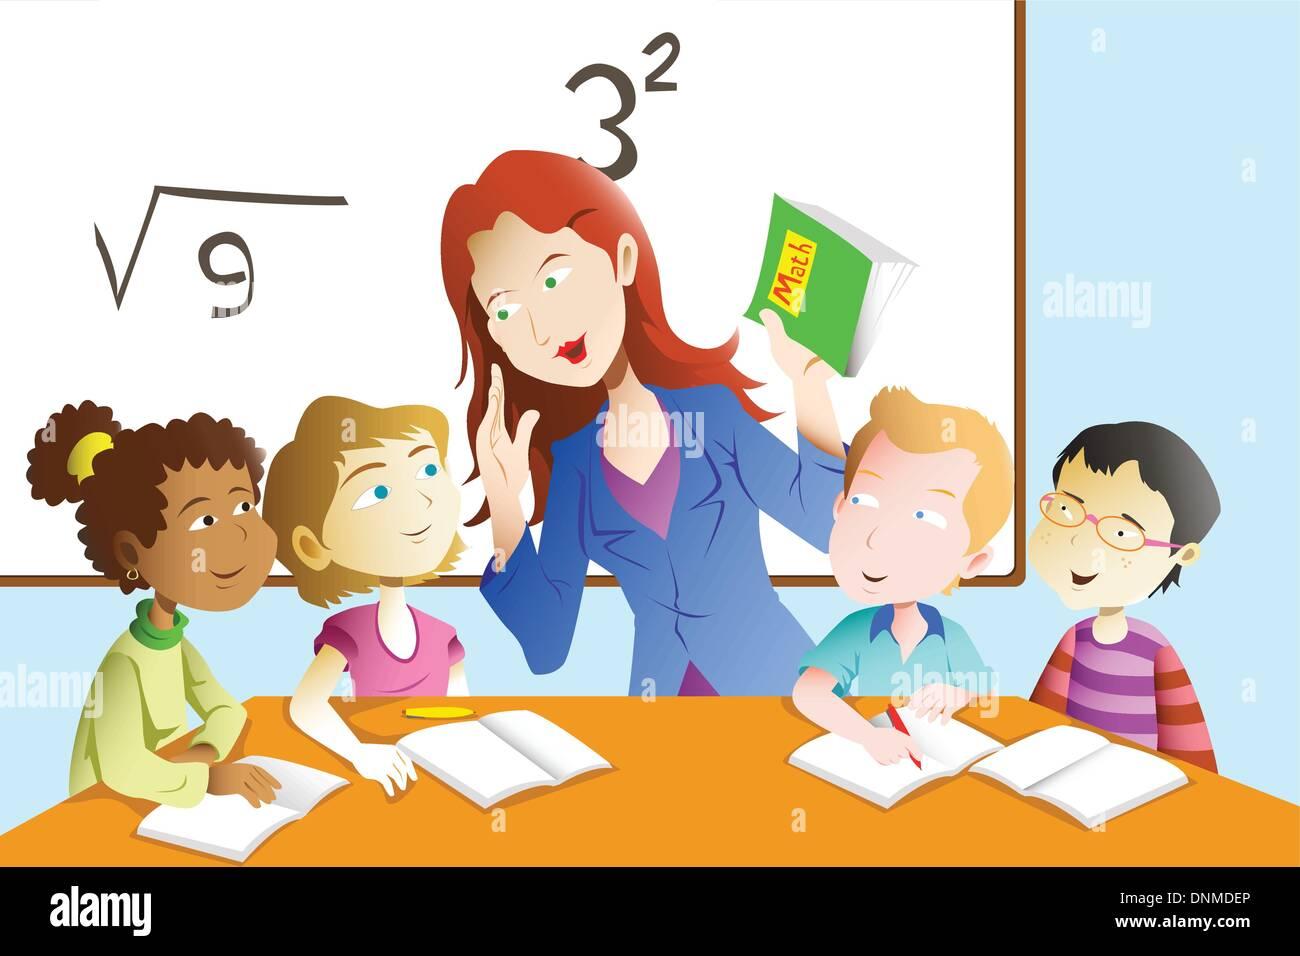 Un vecteur illustration d'enfants qui étudient les maths en classe avec l'enseignant Photo Stock